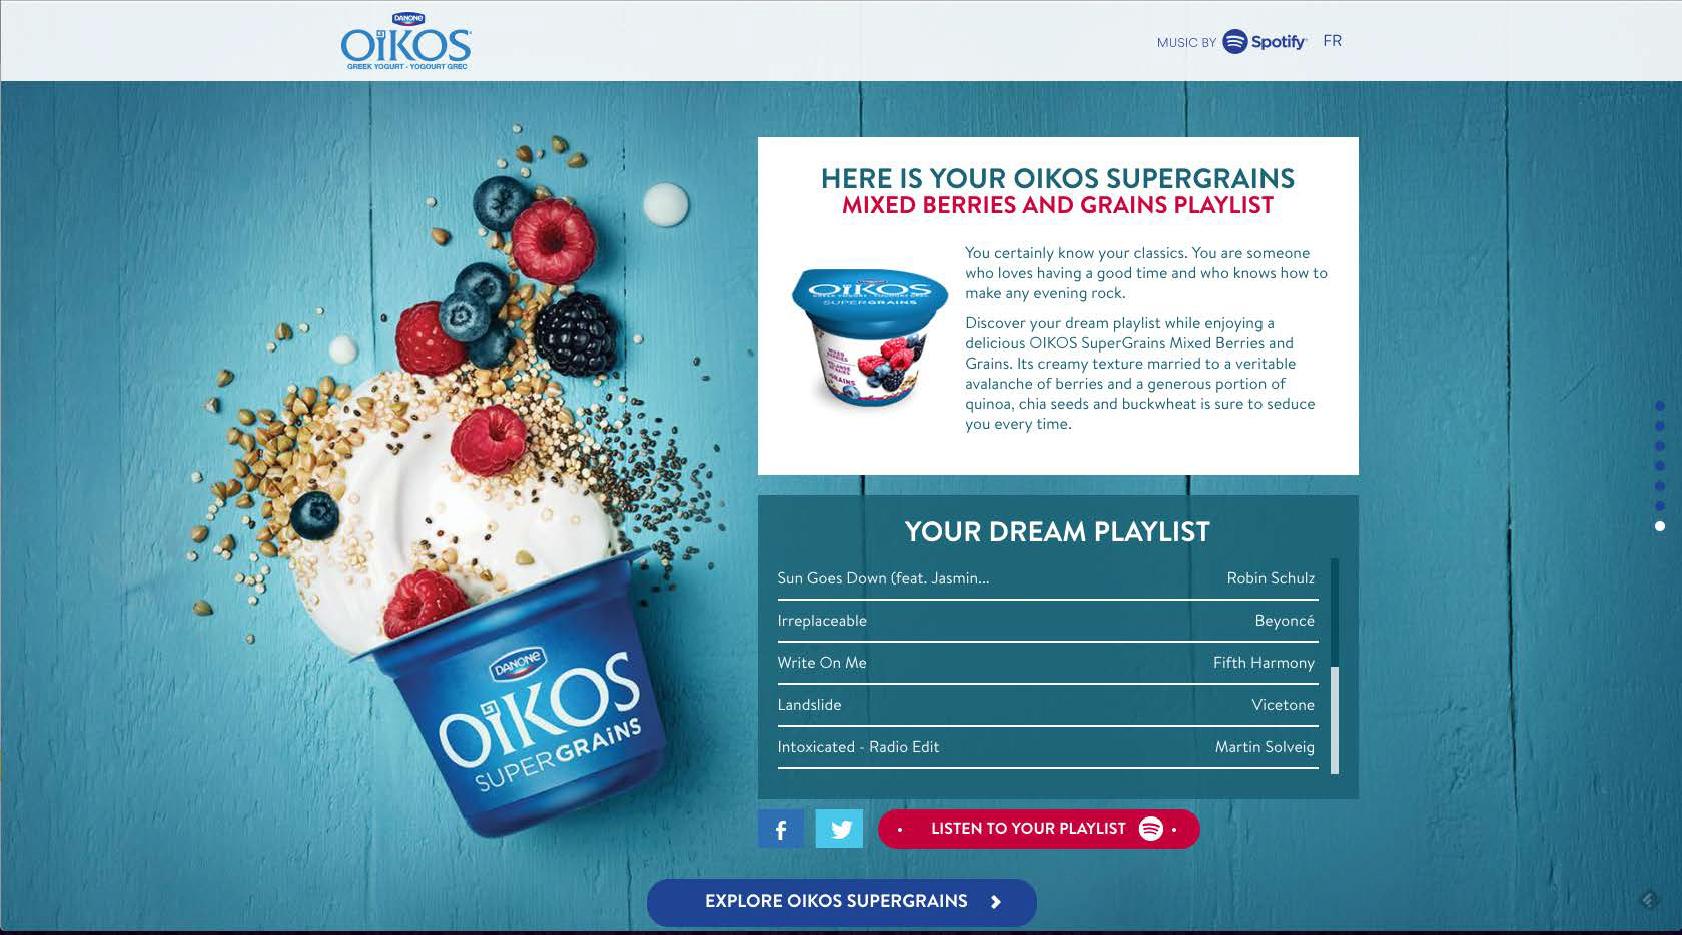 53827_Oikos_SuperGrains_Spotify-Microsite-07